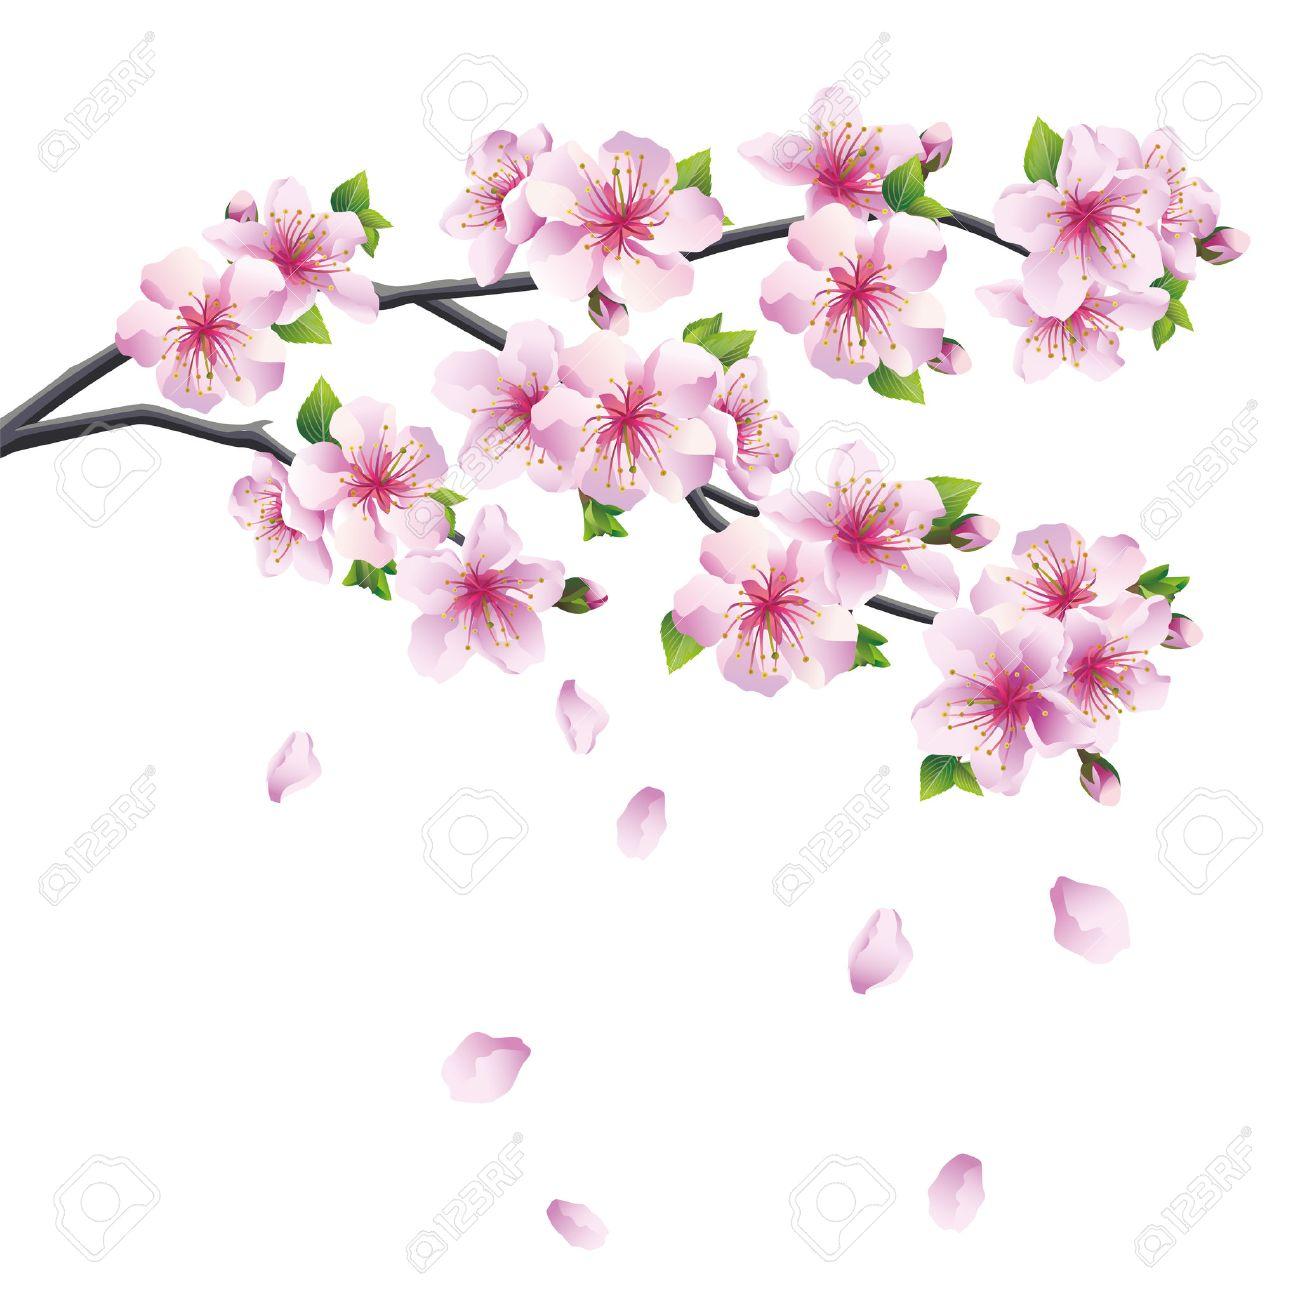 b12750e2a9bc 29121011 Branchement de Sakura japonais cerisier avec la